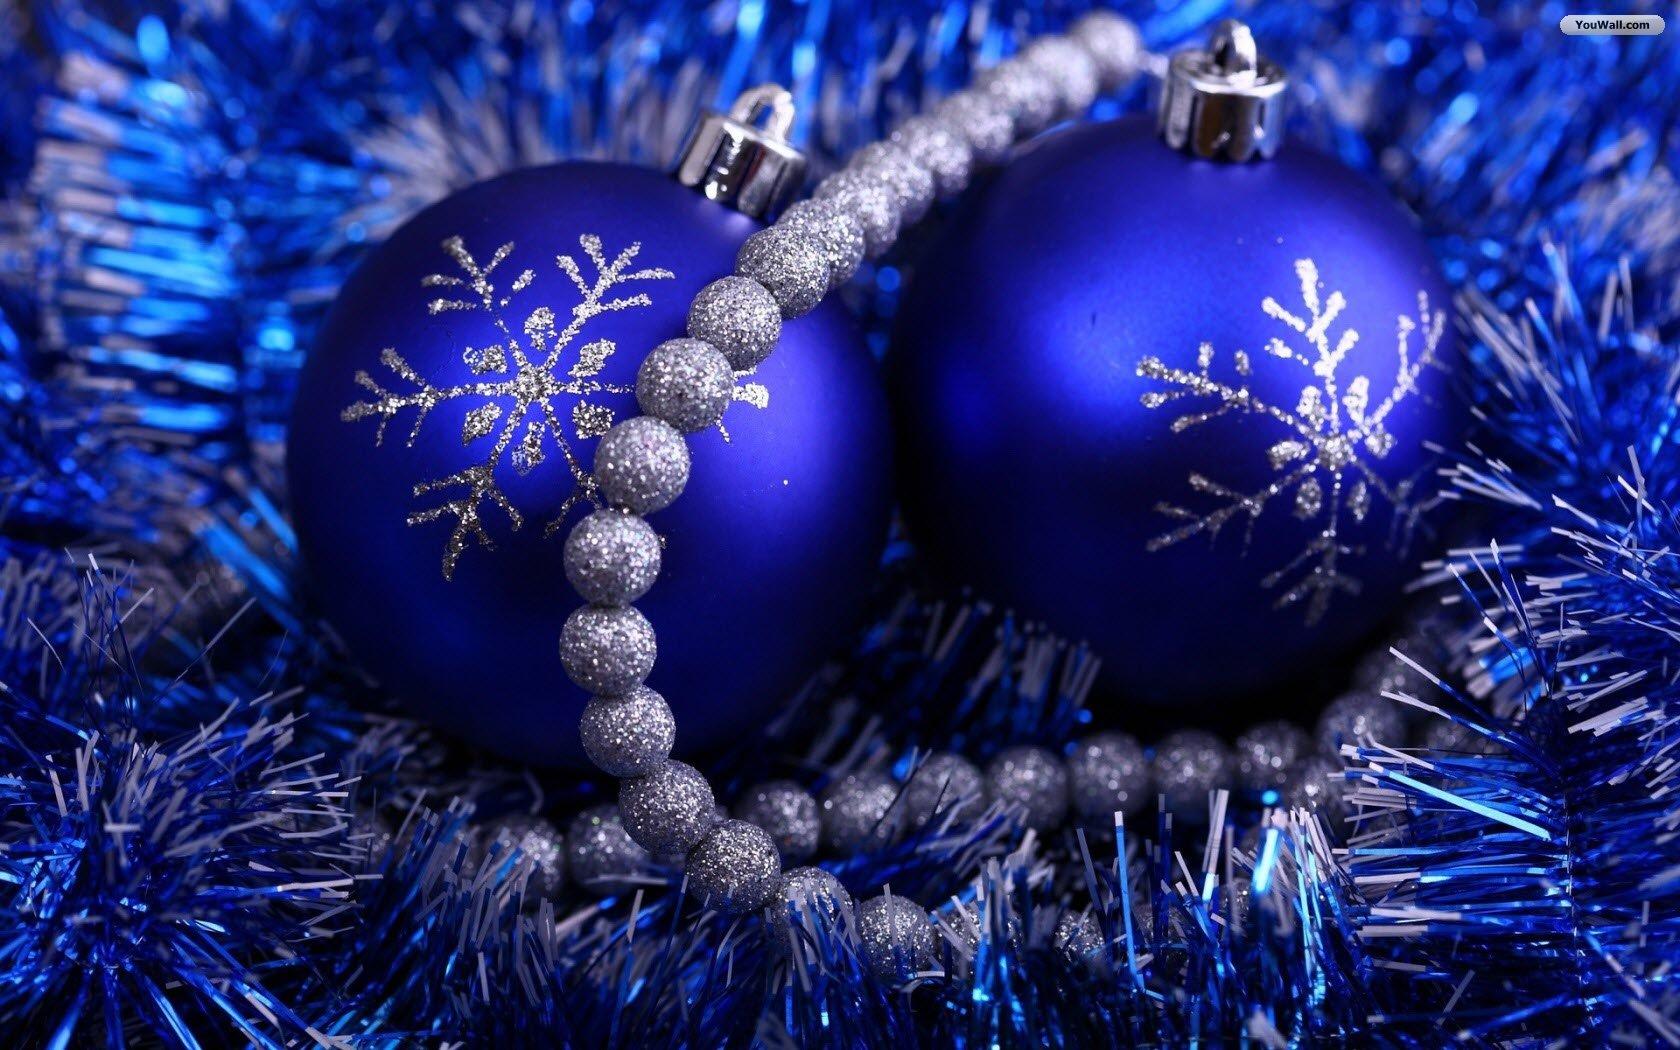 Desktop Christmas Wallpaper Backgrounds Wallpaper 1680x1050 1680x1050